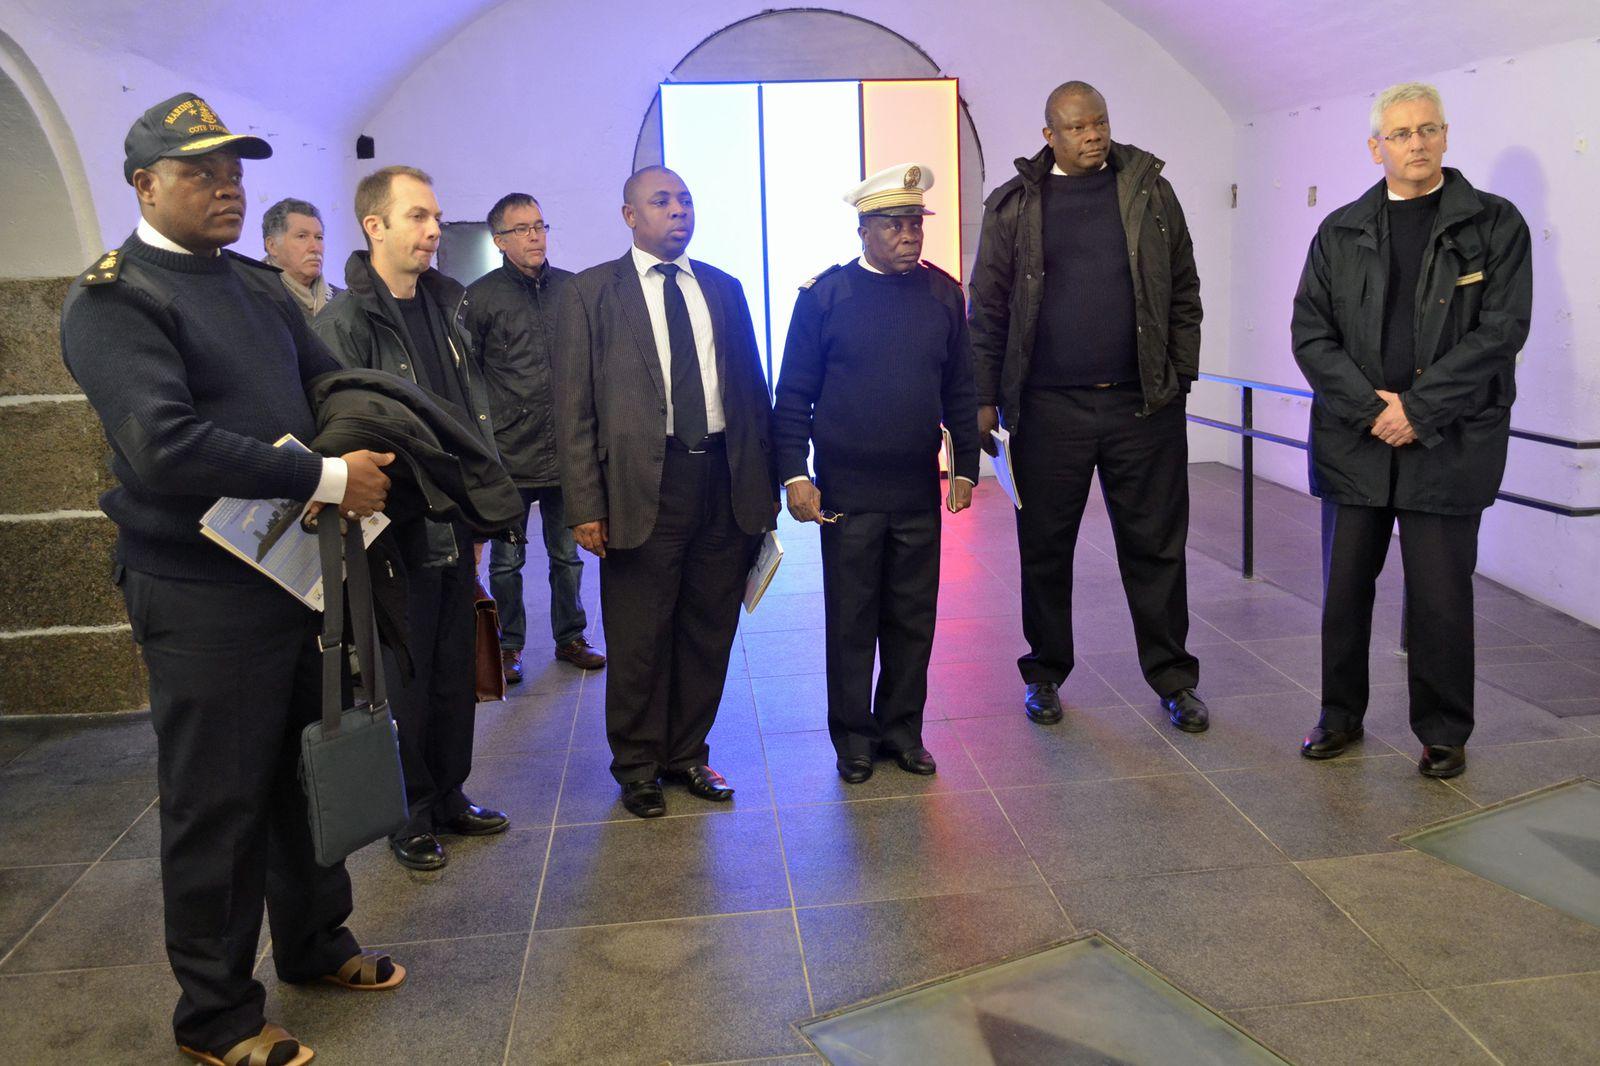 13 décembre 2013, des personnalités de Côte d'Ivoire, du Gabon et du Togo ont visité le Mémorial national des marins morts pour la France. Elles ont été accueillies et guidées par René Richard et Thadée Basiorek. Photographies : Thadée Bas